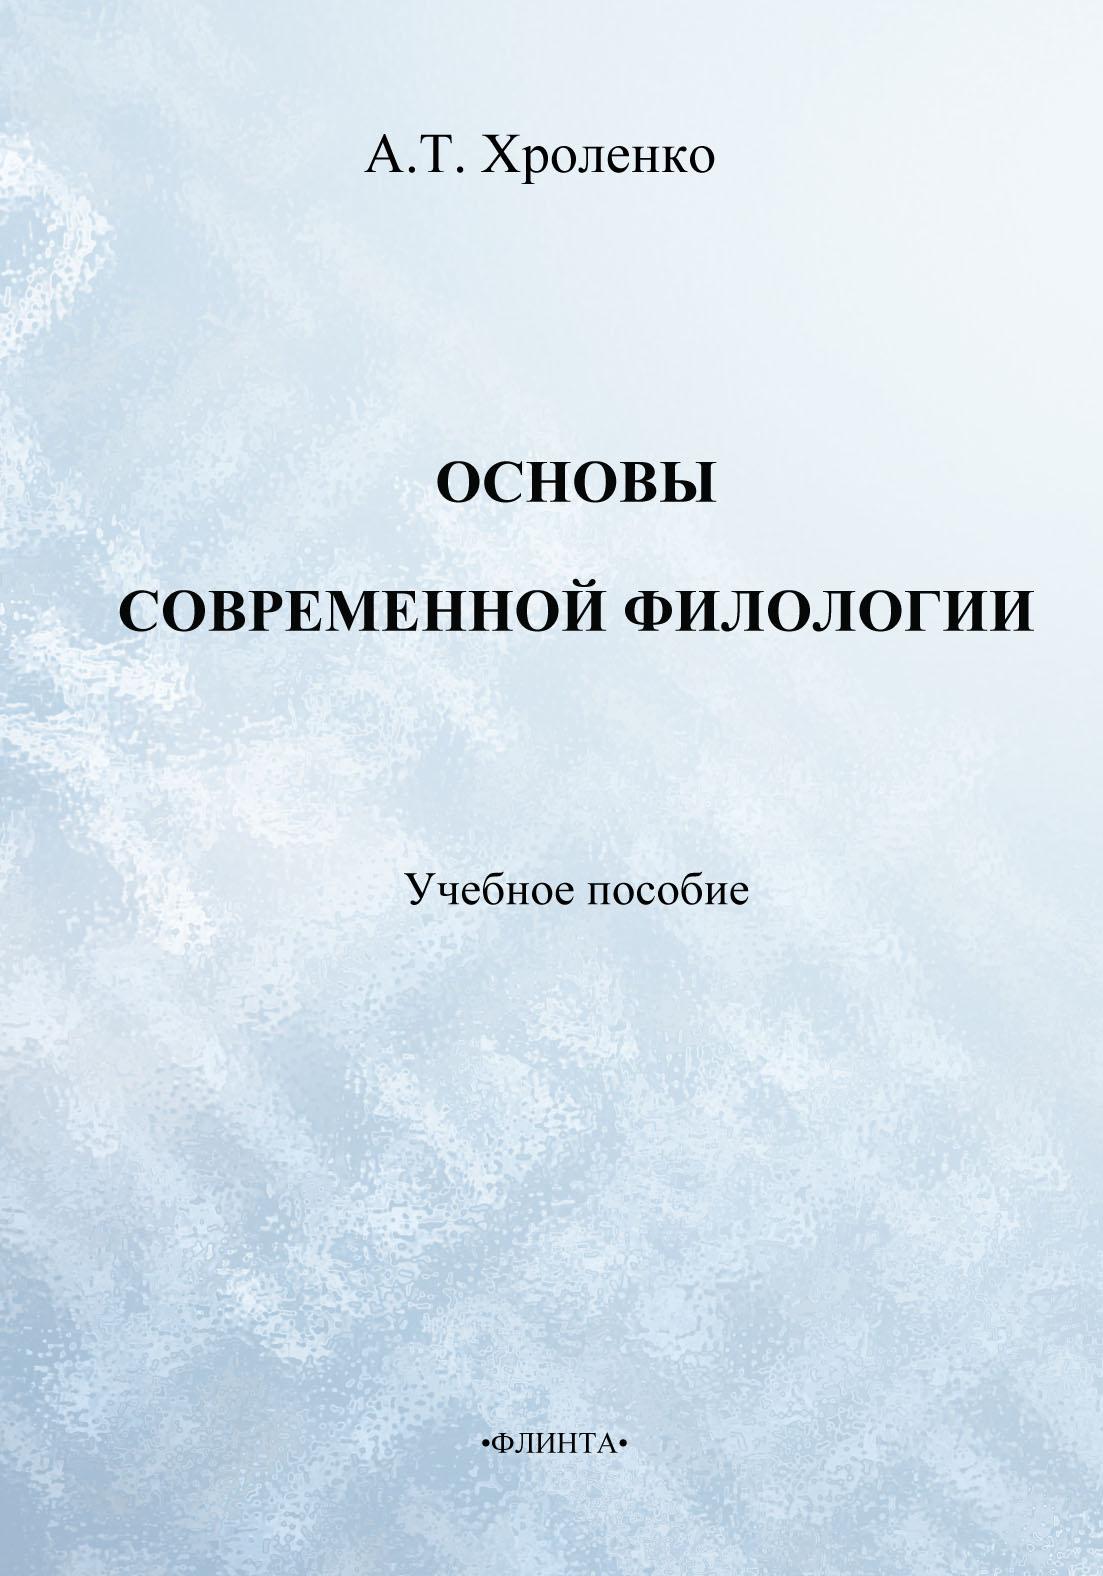 А. Т. Хроленко Основы современной филологии. Учебное пособие